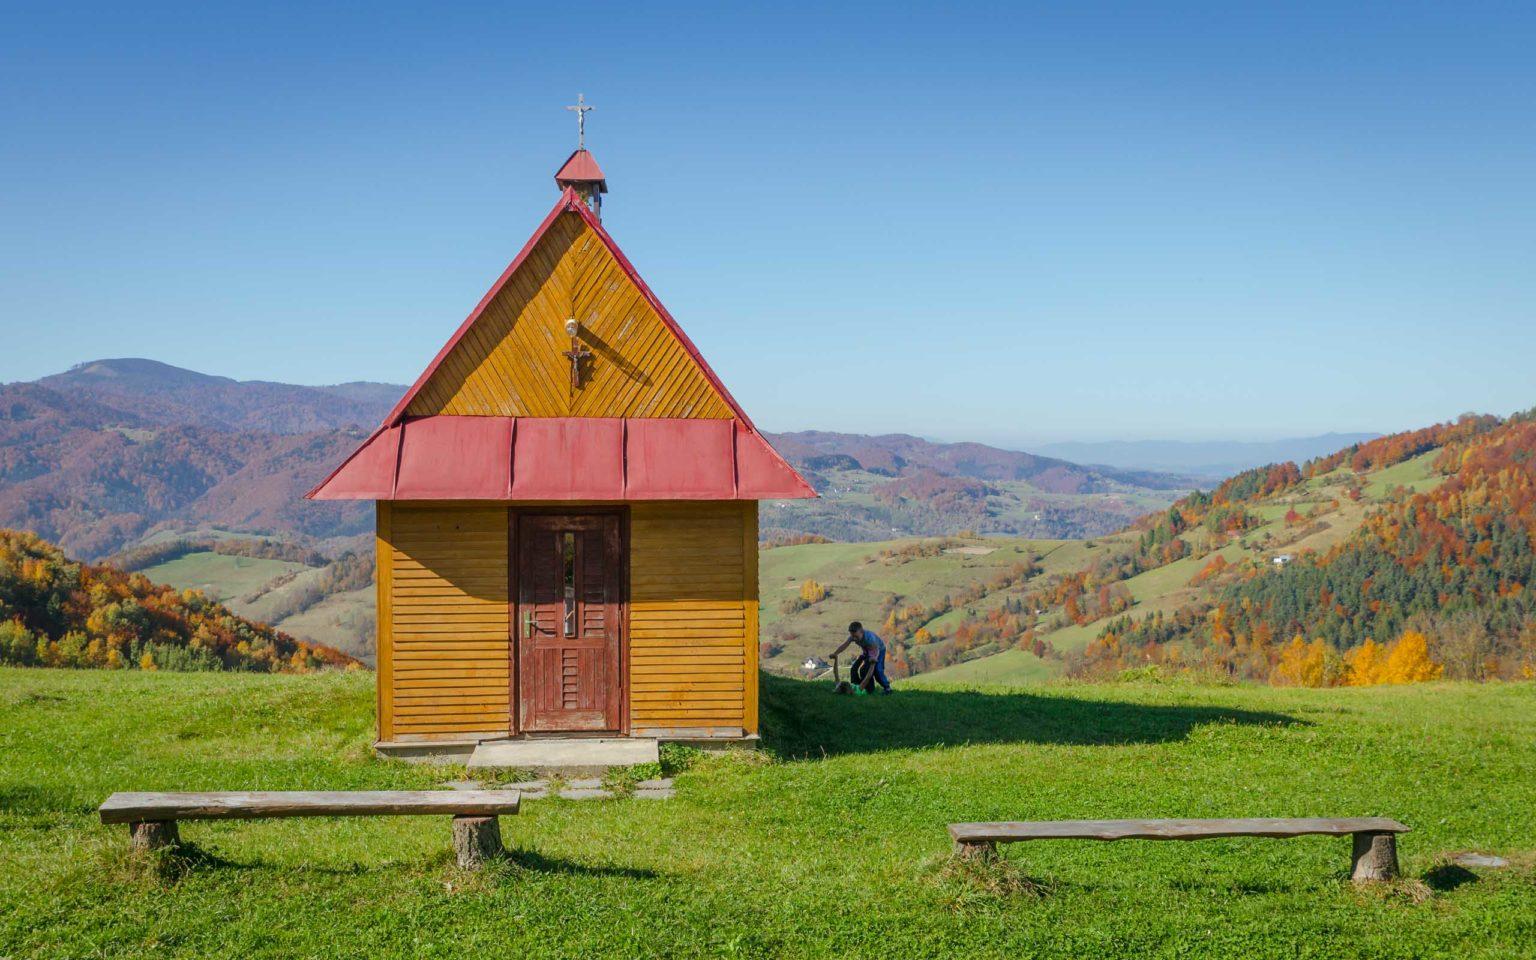 Kaplica na polanie, dzieci bawią się obok budynku - Beskid Sądecki